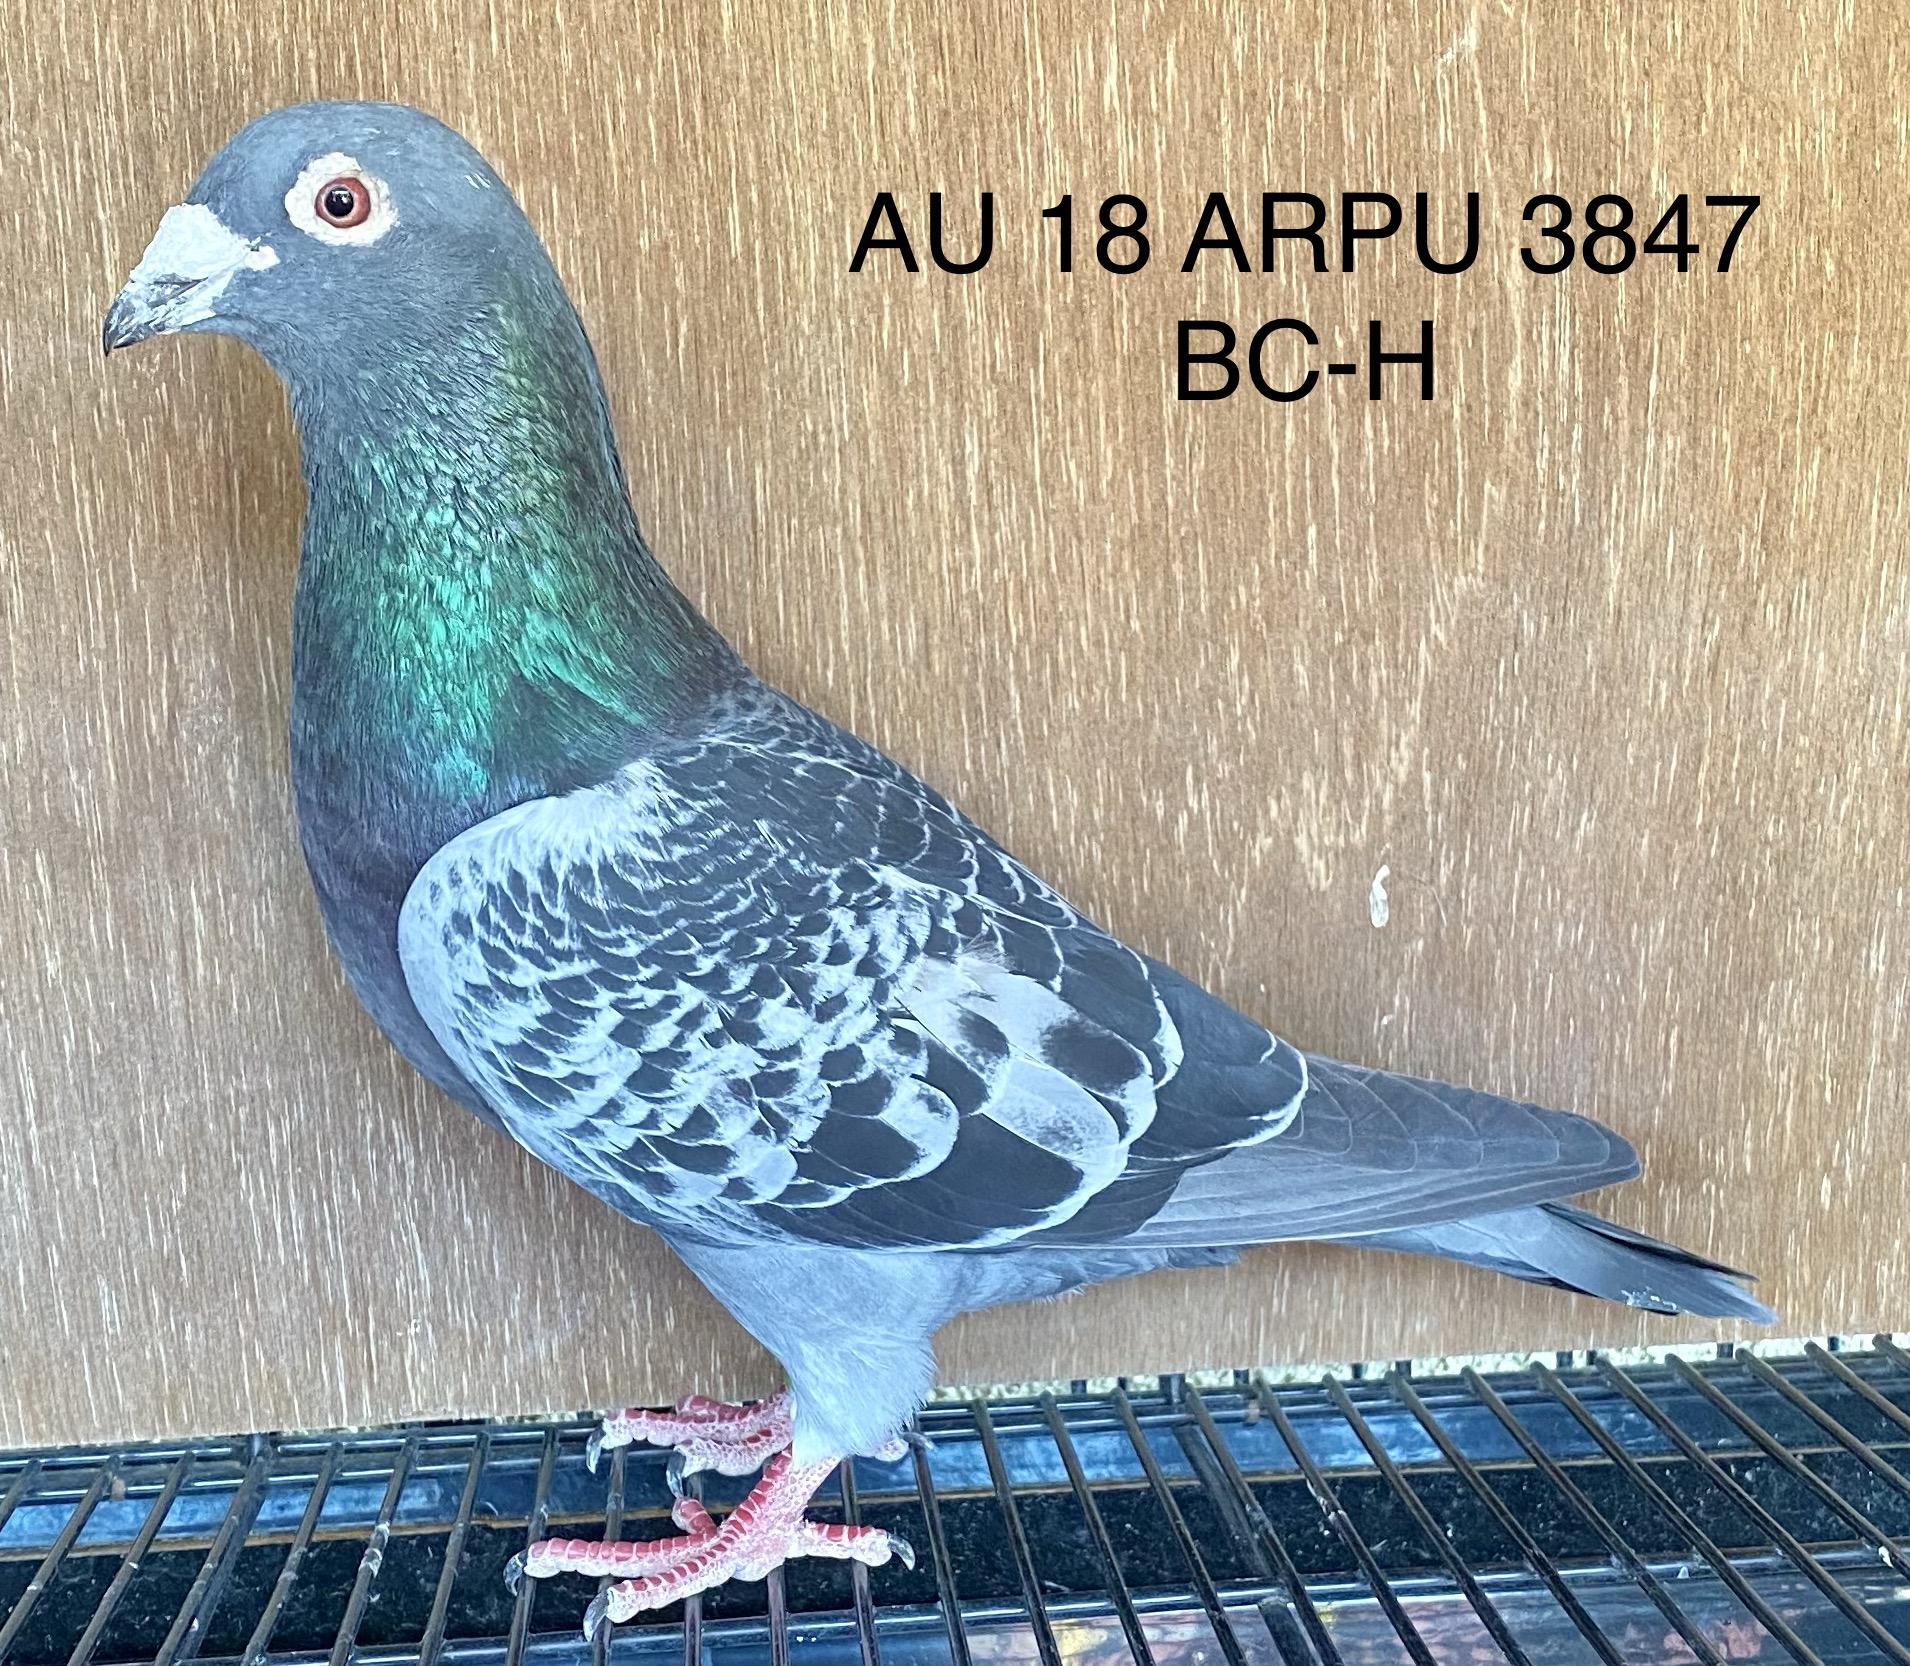 AU 18 ARPU 3847 BC-H